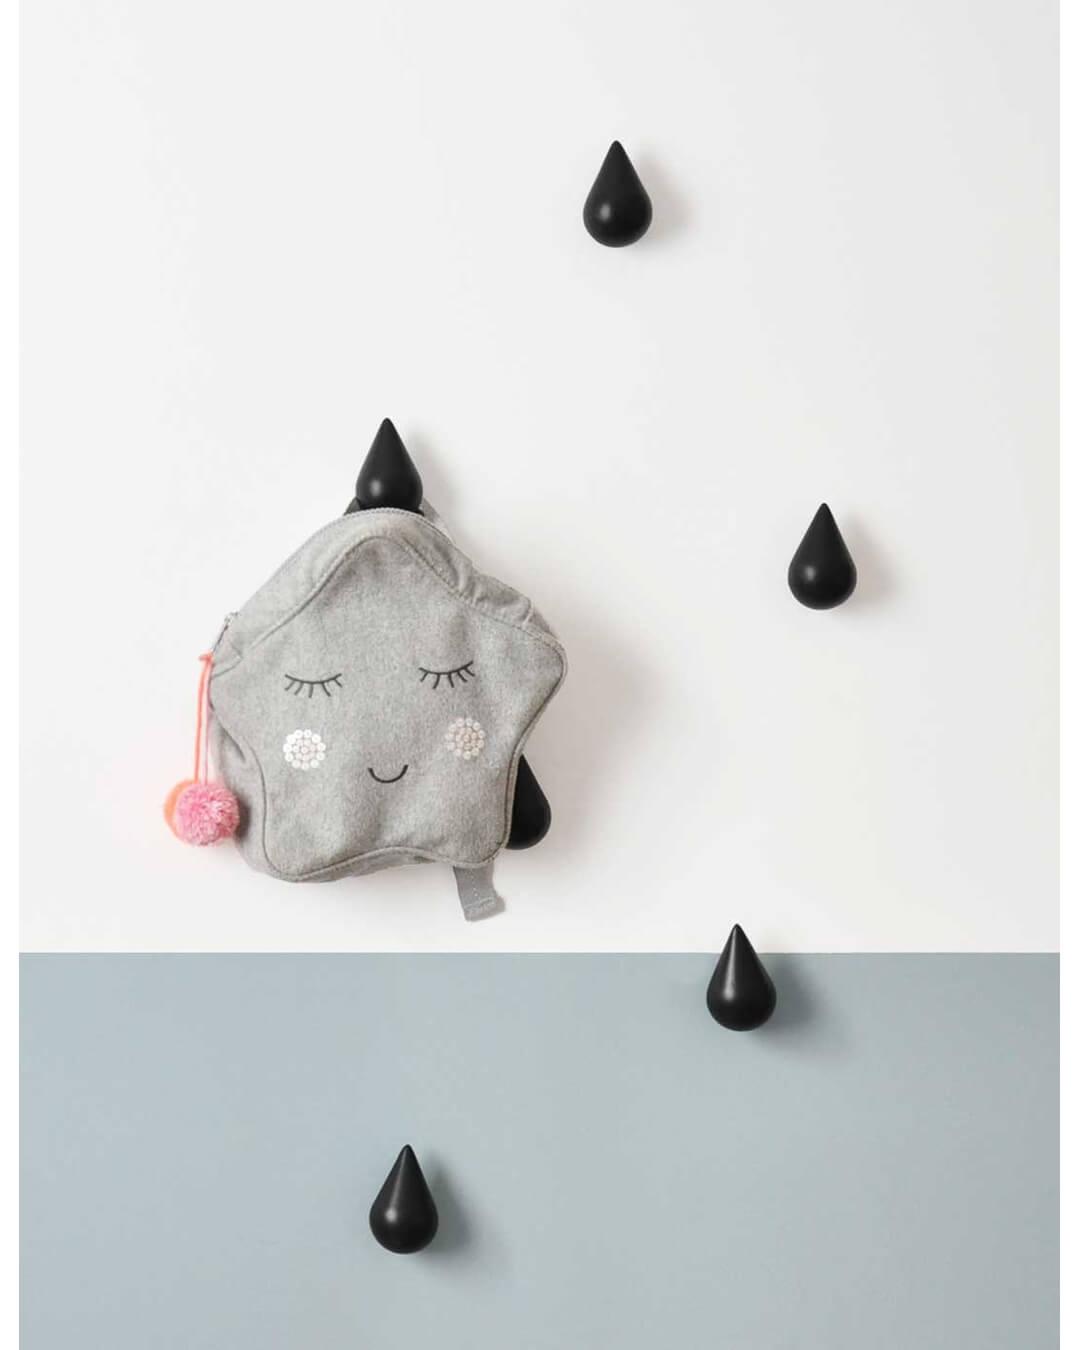 Imagem ilustrativa do design escandinavo, com diferentes tons de cinza e o preto do cabideiro gota de chuva proporcionando um contraste.